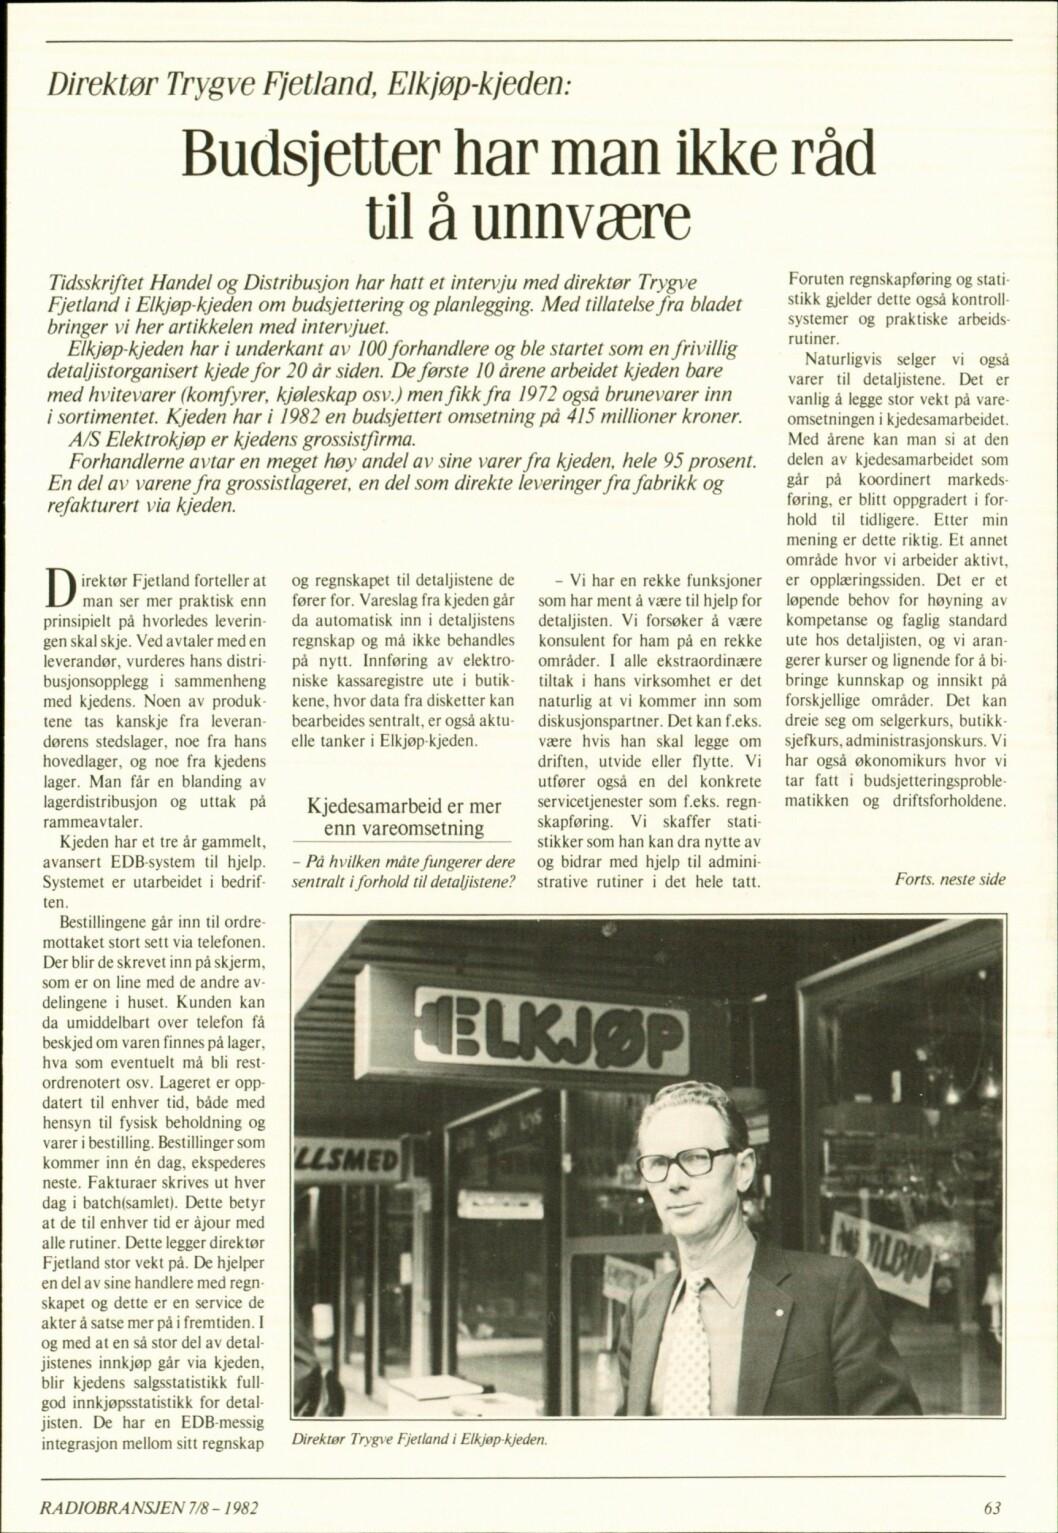 """I <a href=""""https://www.mypaper.se/html5/customer/248/7115/?page=62"""">Radiobransjen nr. 7-8/1982</a> sto dette intervjuet med direktør Trygve Fjetland i Elkjøp i anledning kjedens 20 års-jubileum."""